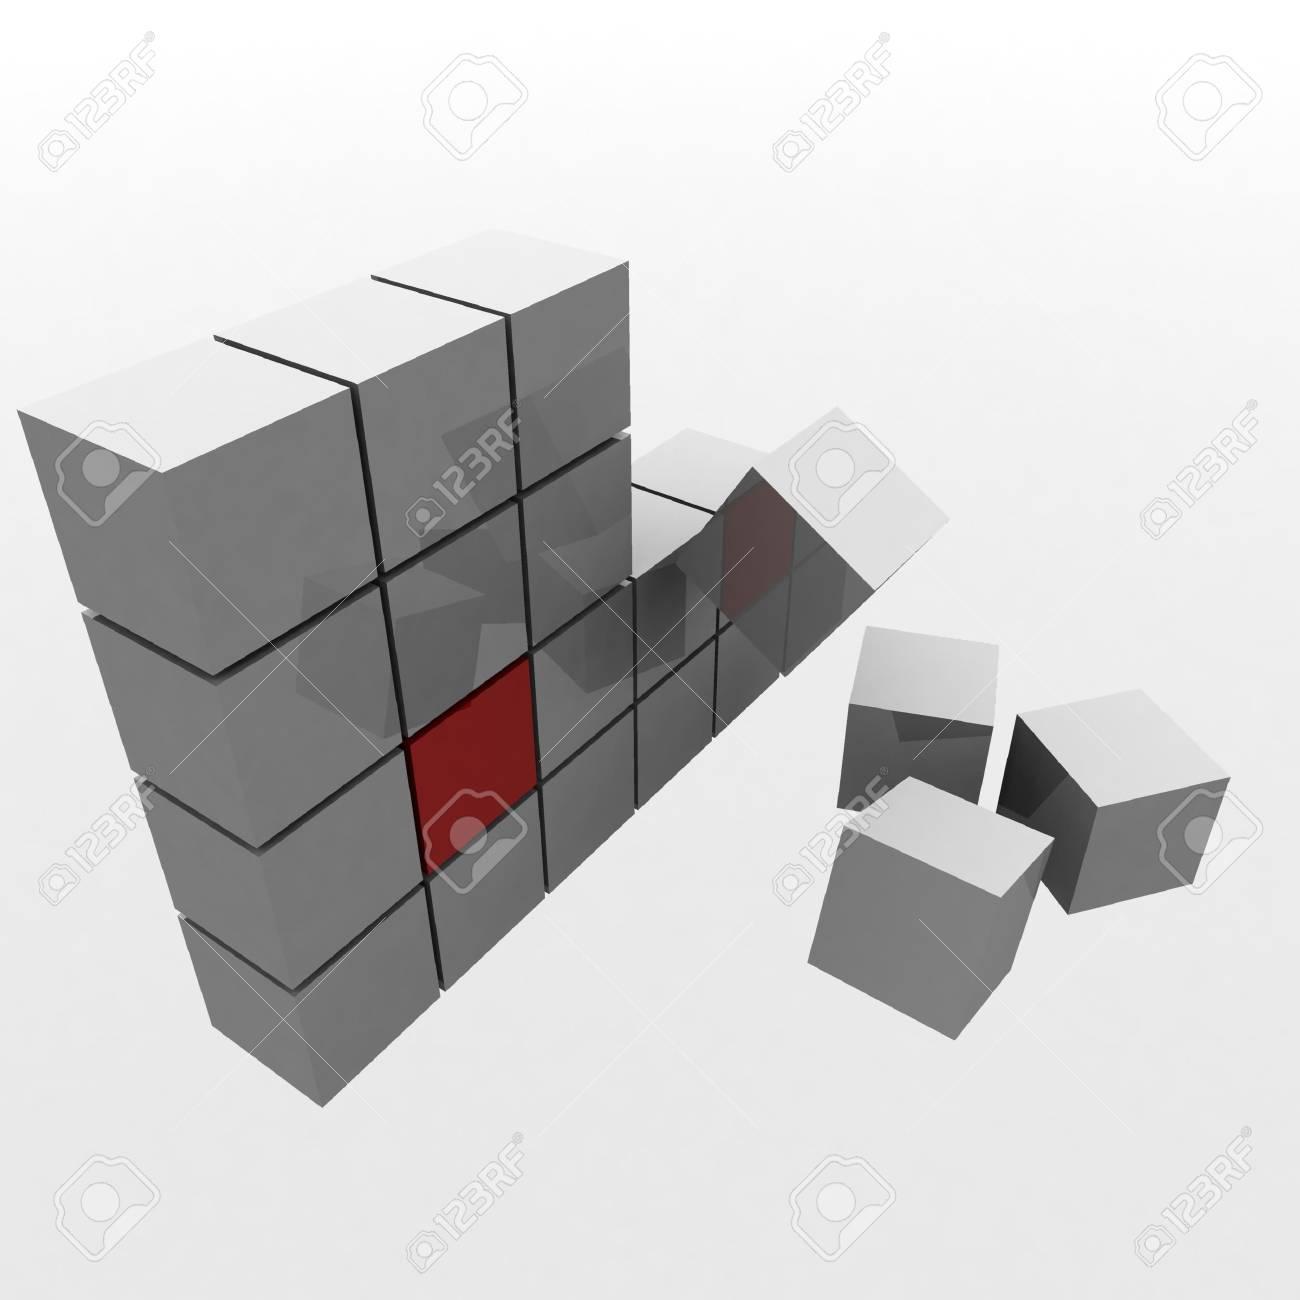 Cubo Di Metallo.Piramide 3d Del Cubo Di Metallo Lucido Al Centro Della Quale E Un Cubo Rosso